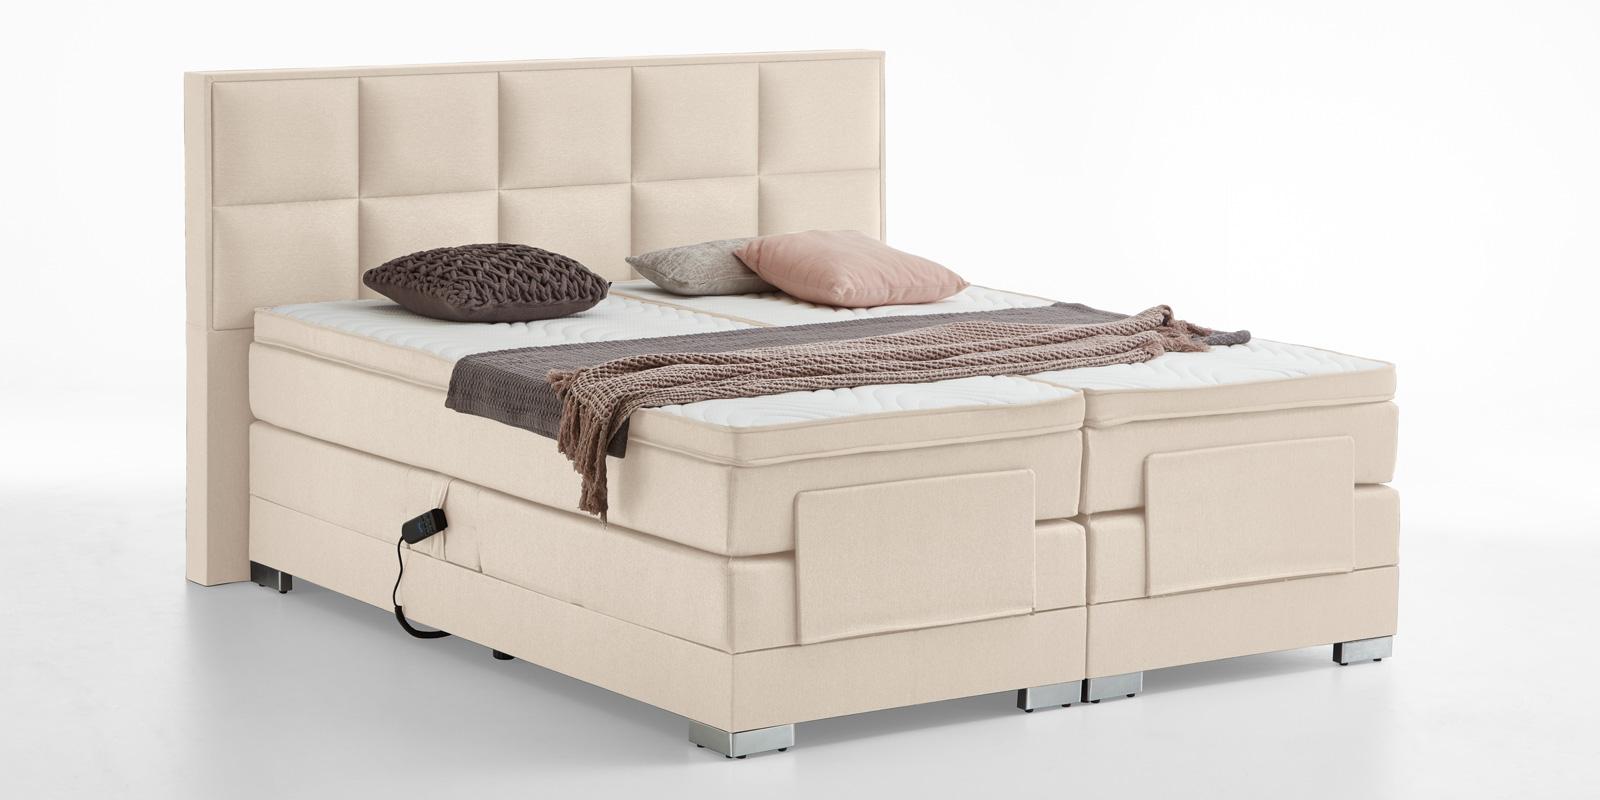 Boxspringbett elektrisch verstellbar in beige bequem günstig online bestellen